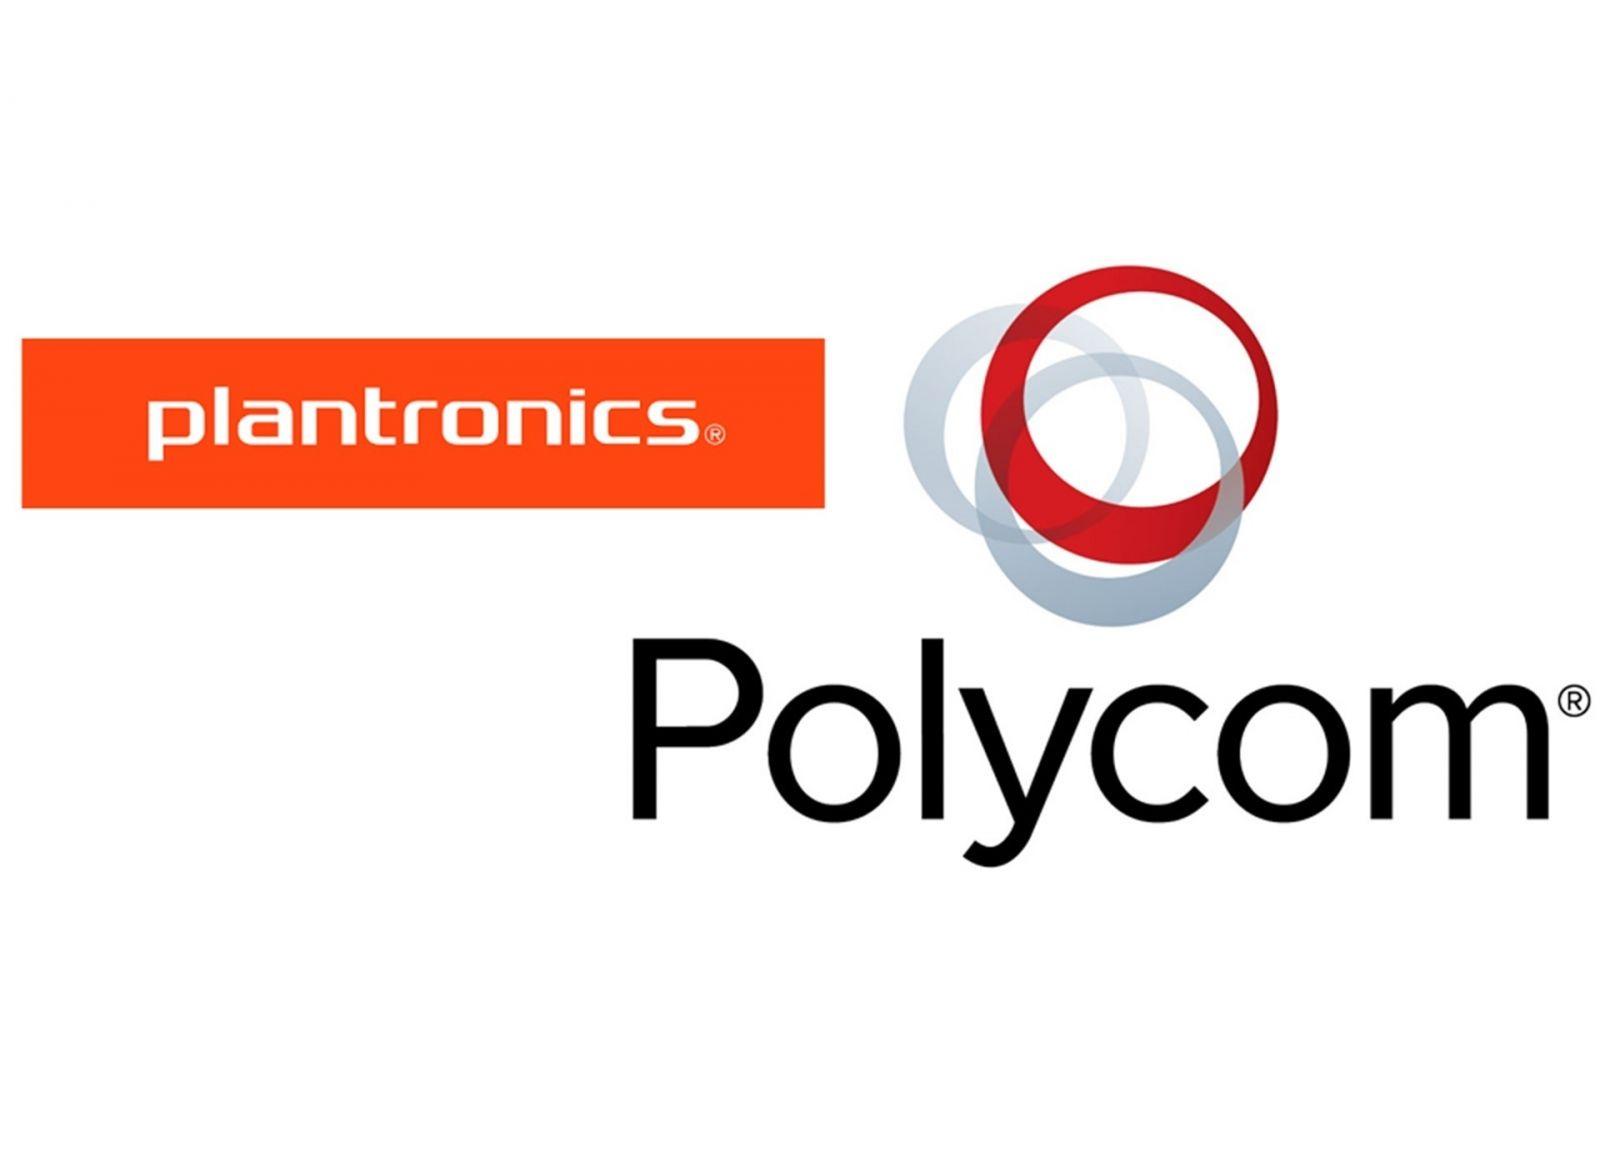 Polycom hiện là một phần của Plantronics - Xây dựng một hệ thống thông minh hơn để hợp tác